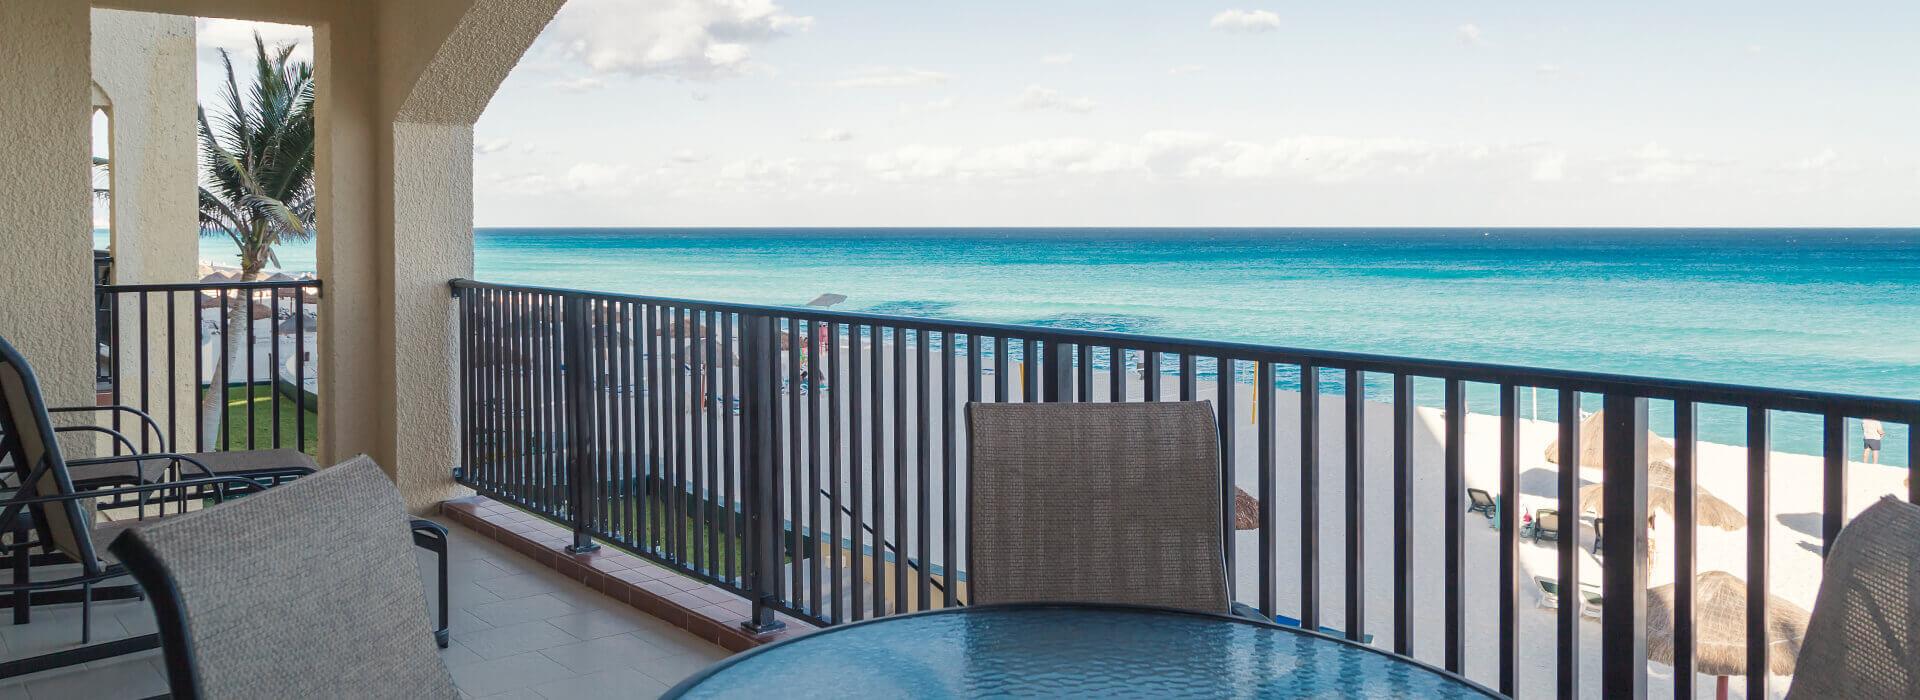 The Royal Islander Resort Royal Resorts Cancun